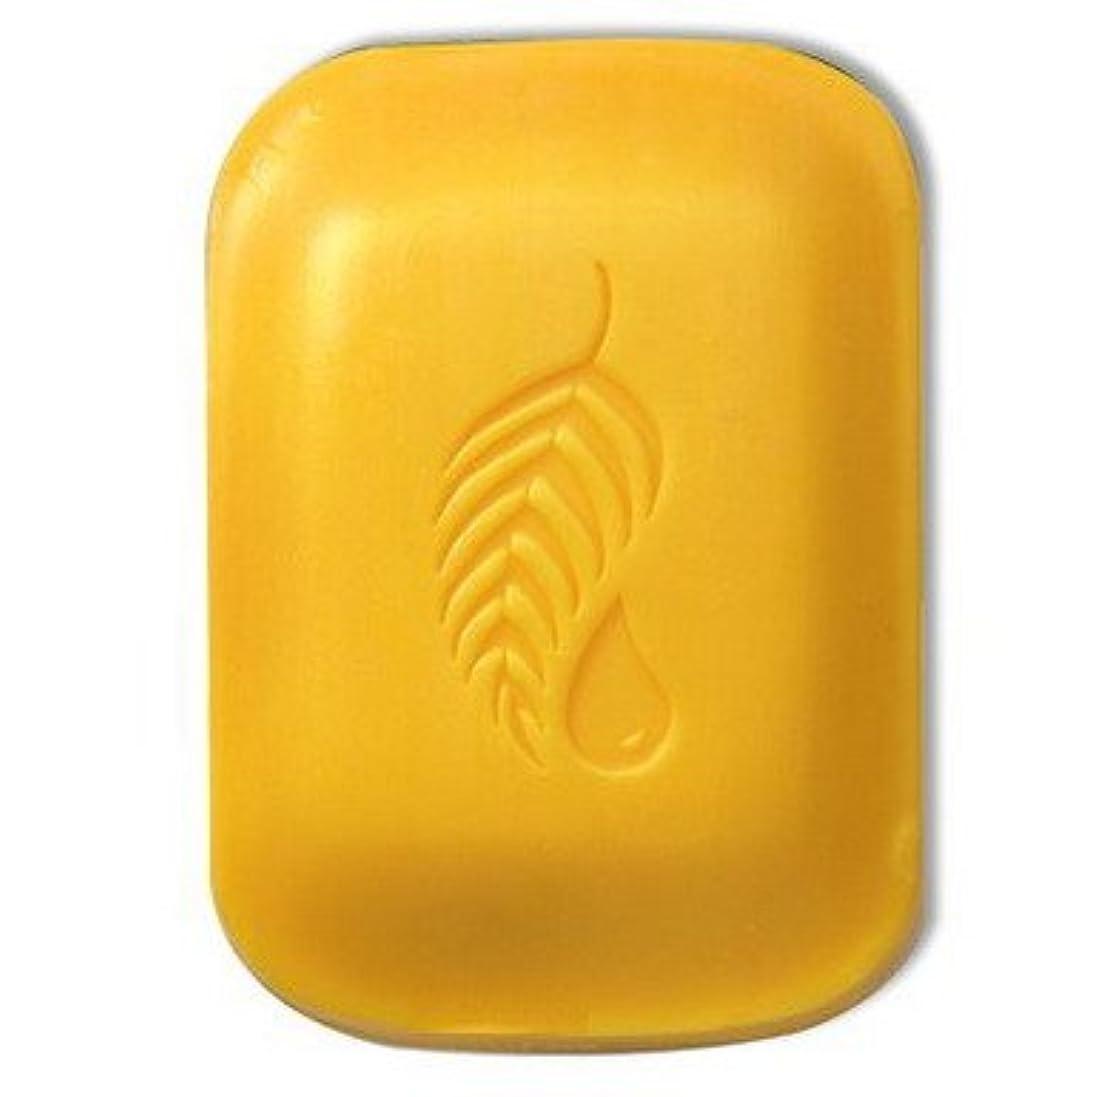 子供時代干渉混乱【Melaleuca(メラルーカ)】ゴールド バー トライアルサイズ42.5g [並行輸入品]